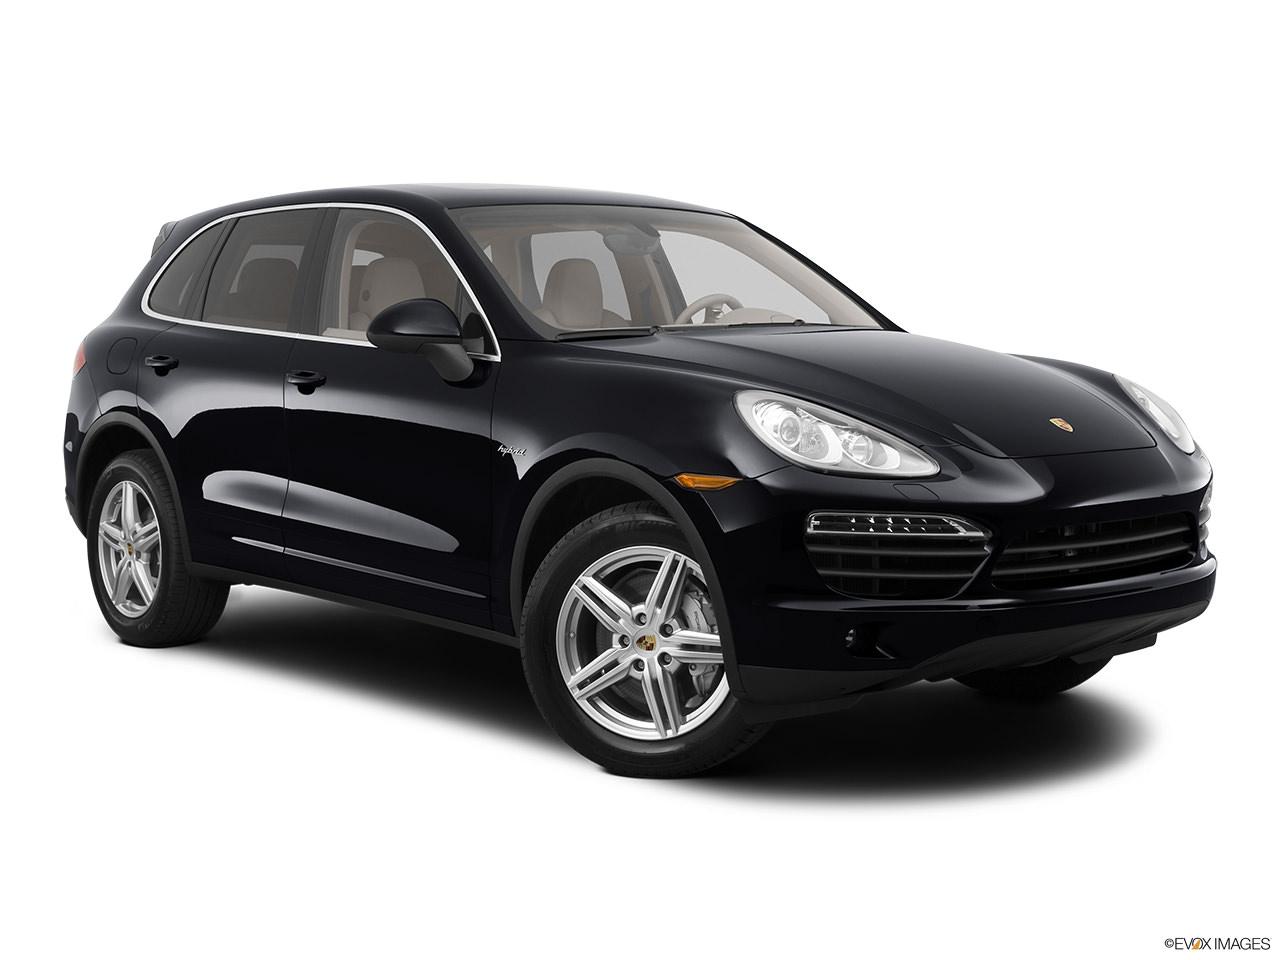 Porsche Cayenne hybrid 2012